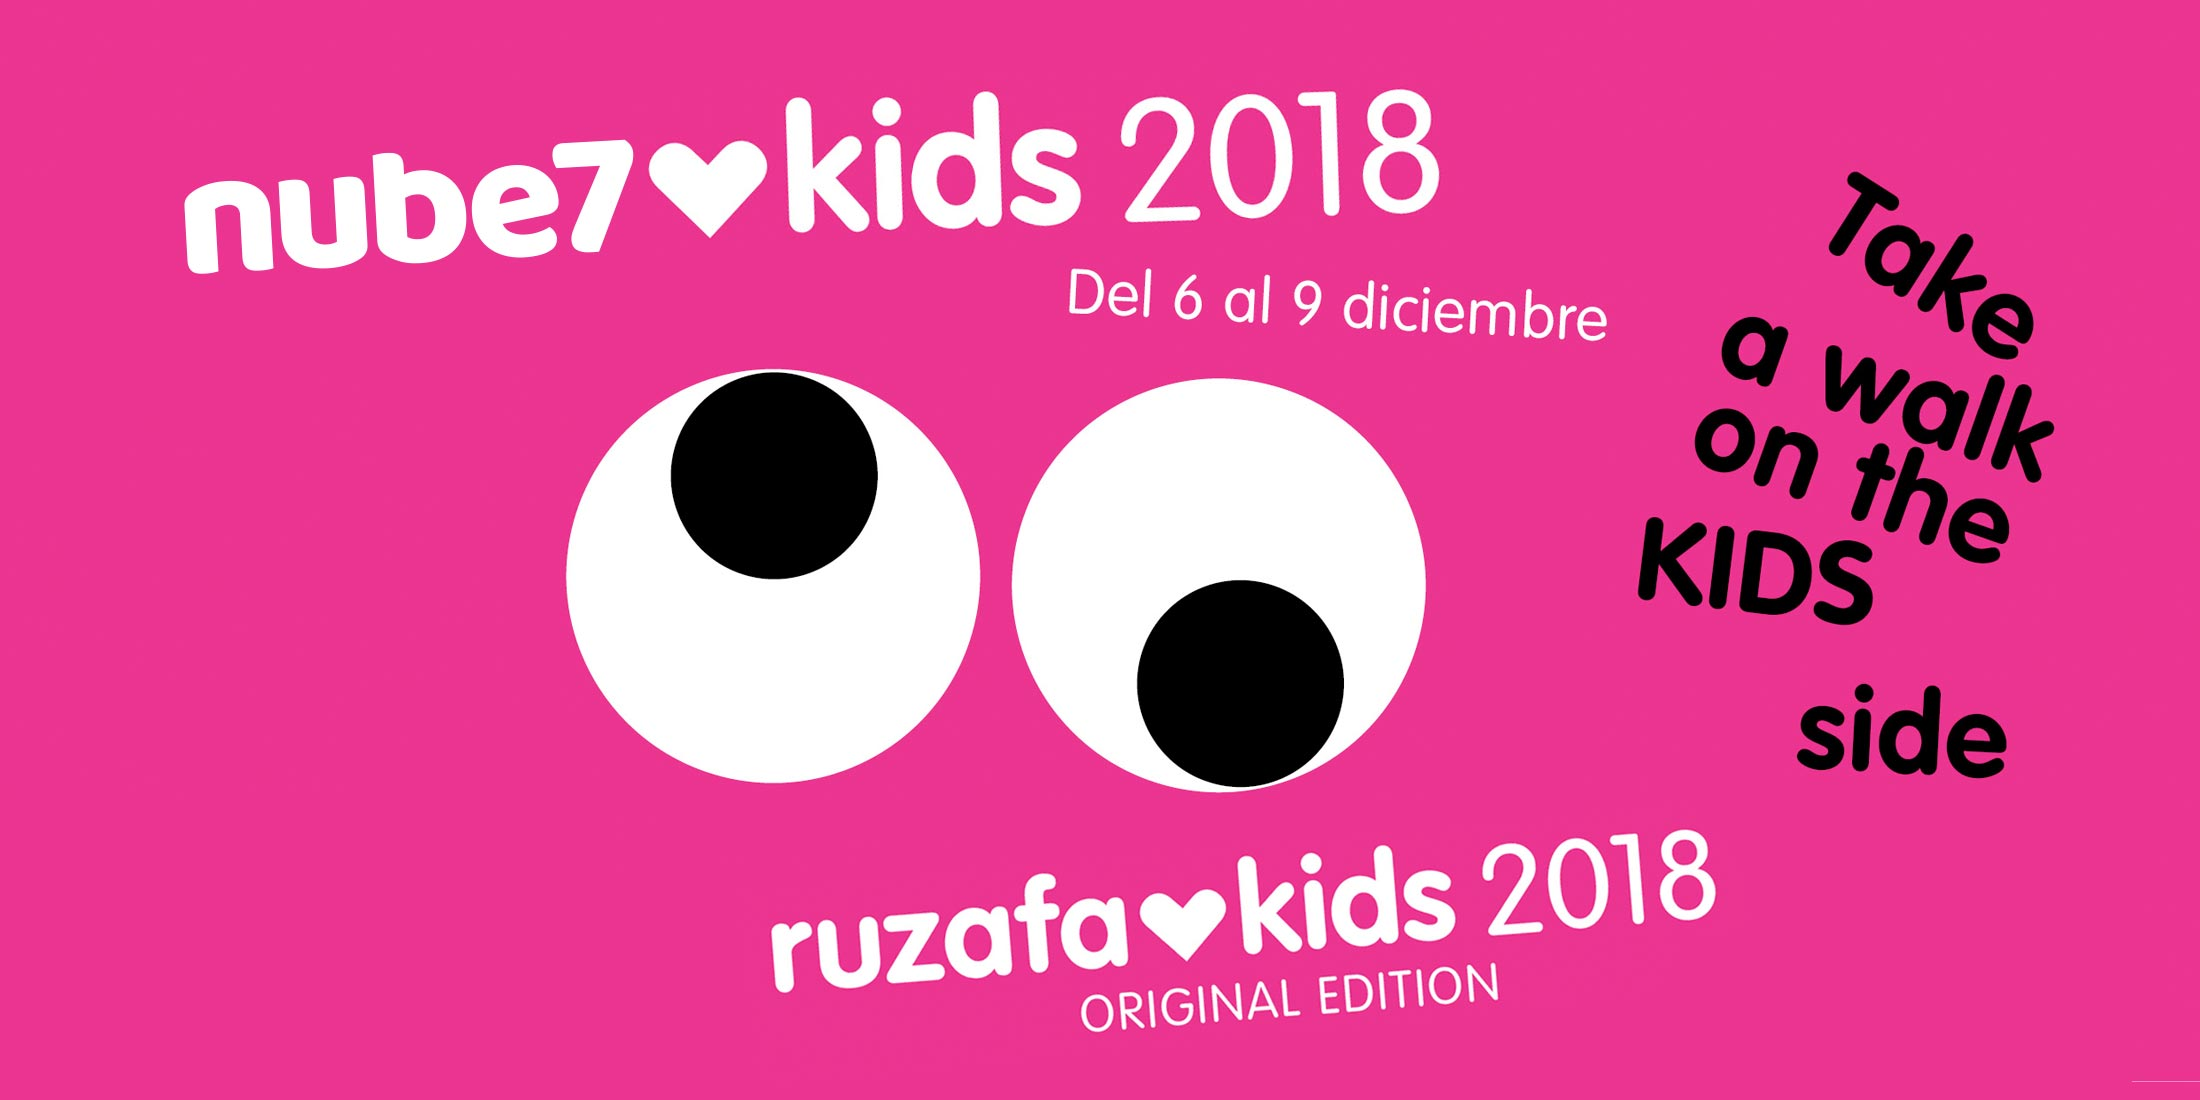 ruzafaloveskids-2018-nube7